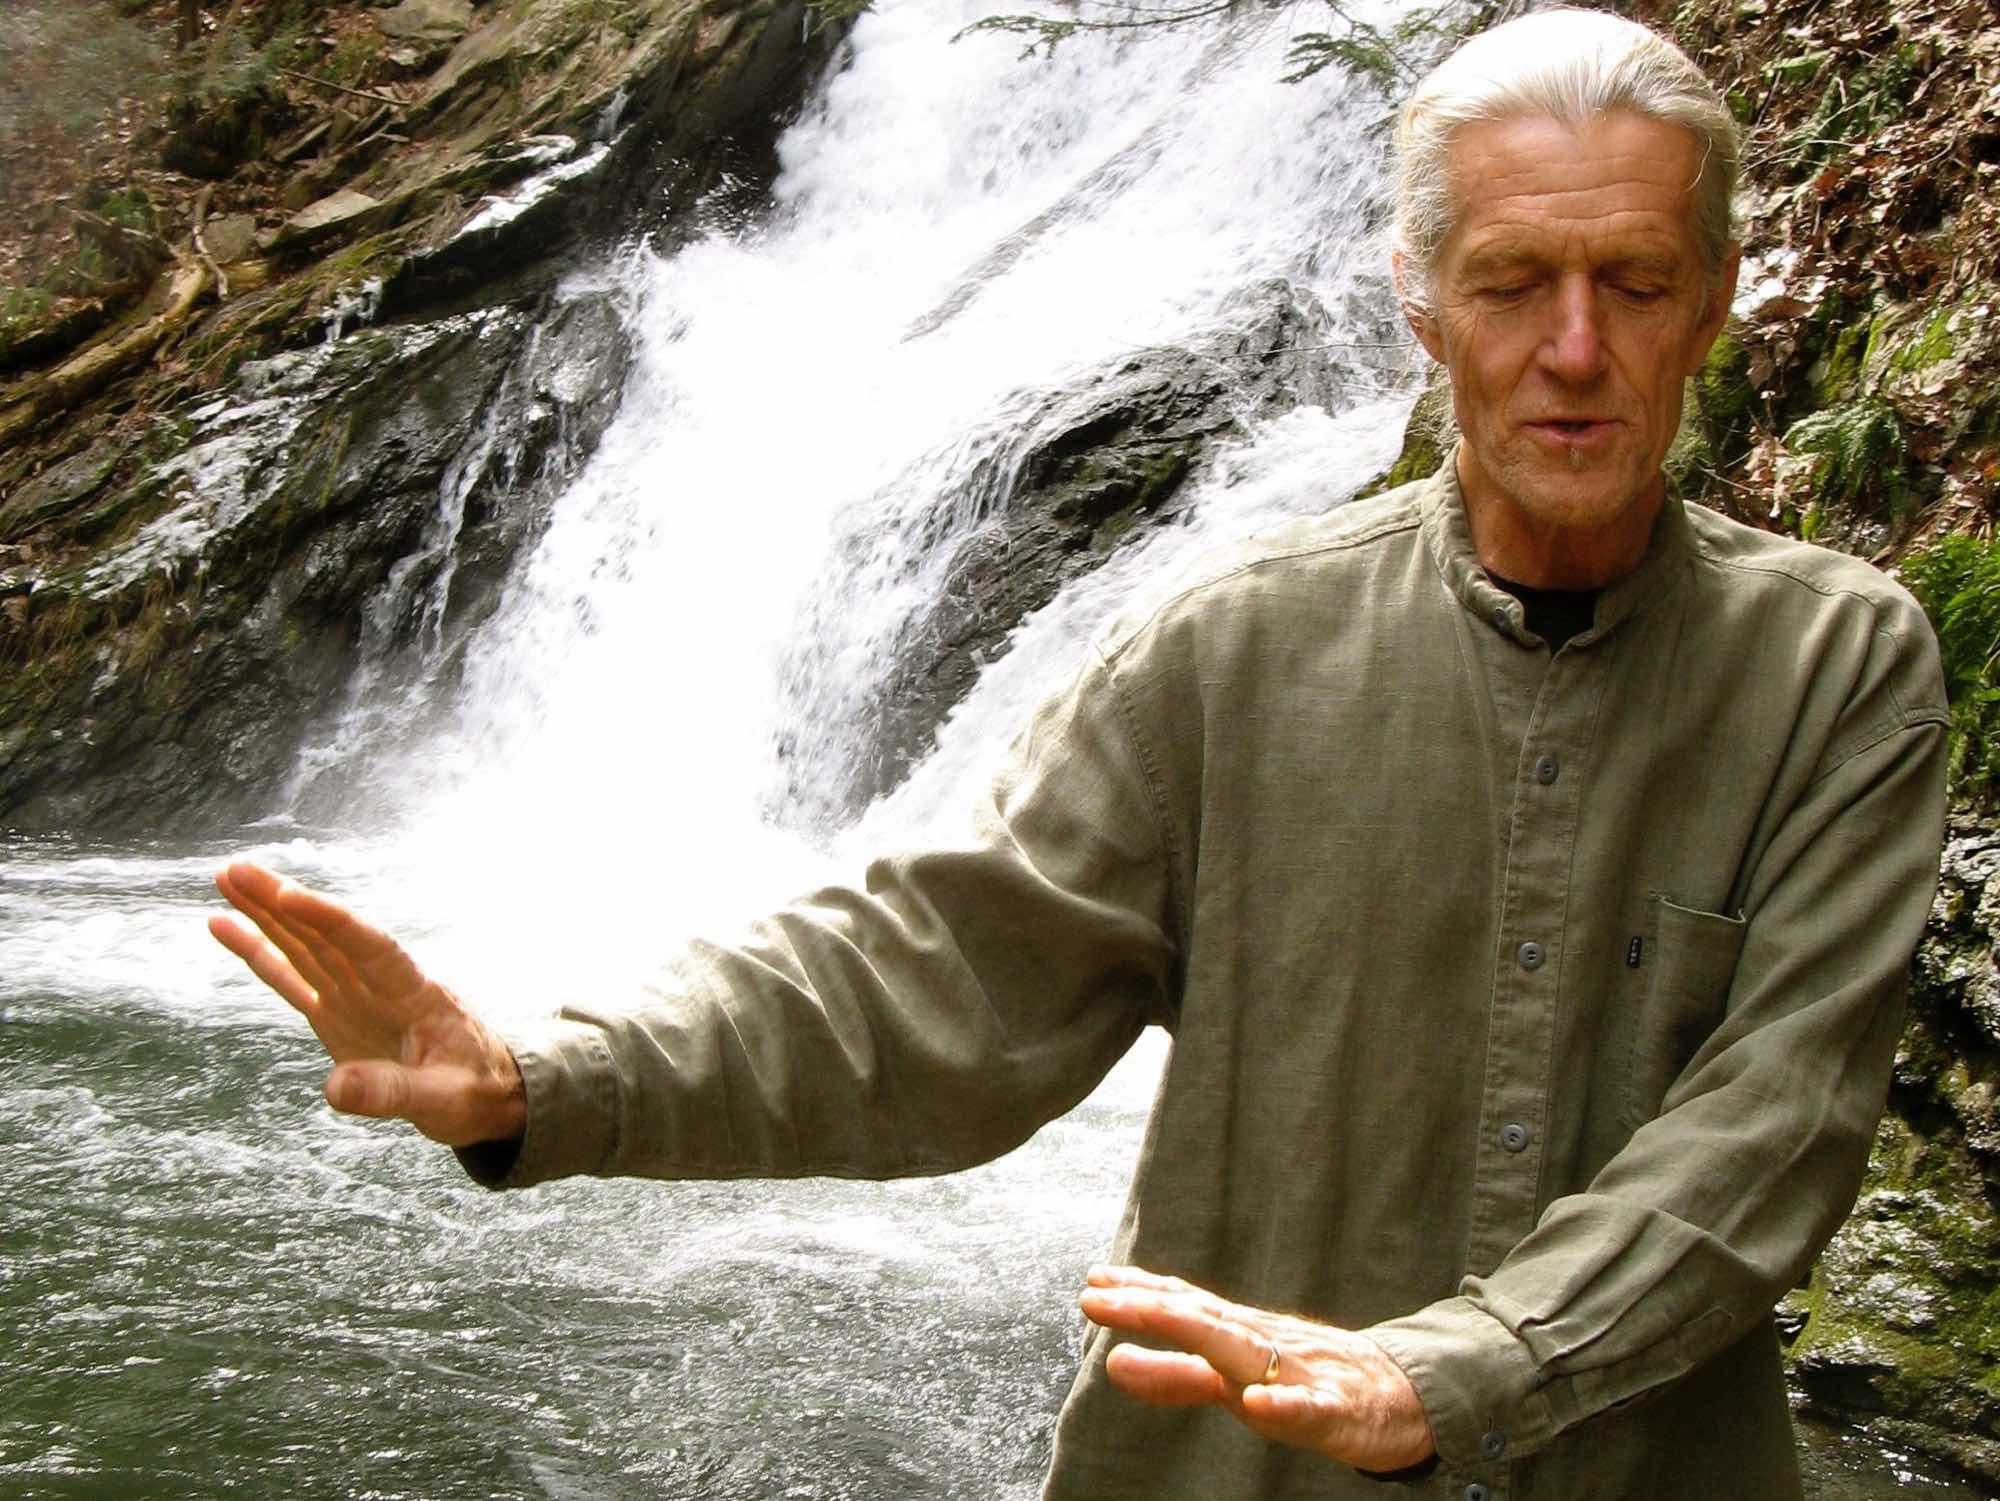 Steven-Michael-Pague-Waterfall-Qigong-IMG_0281